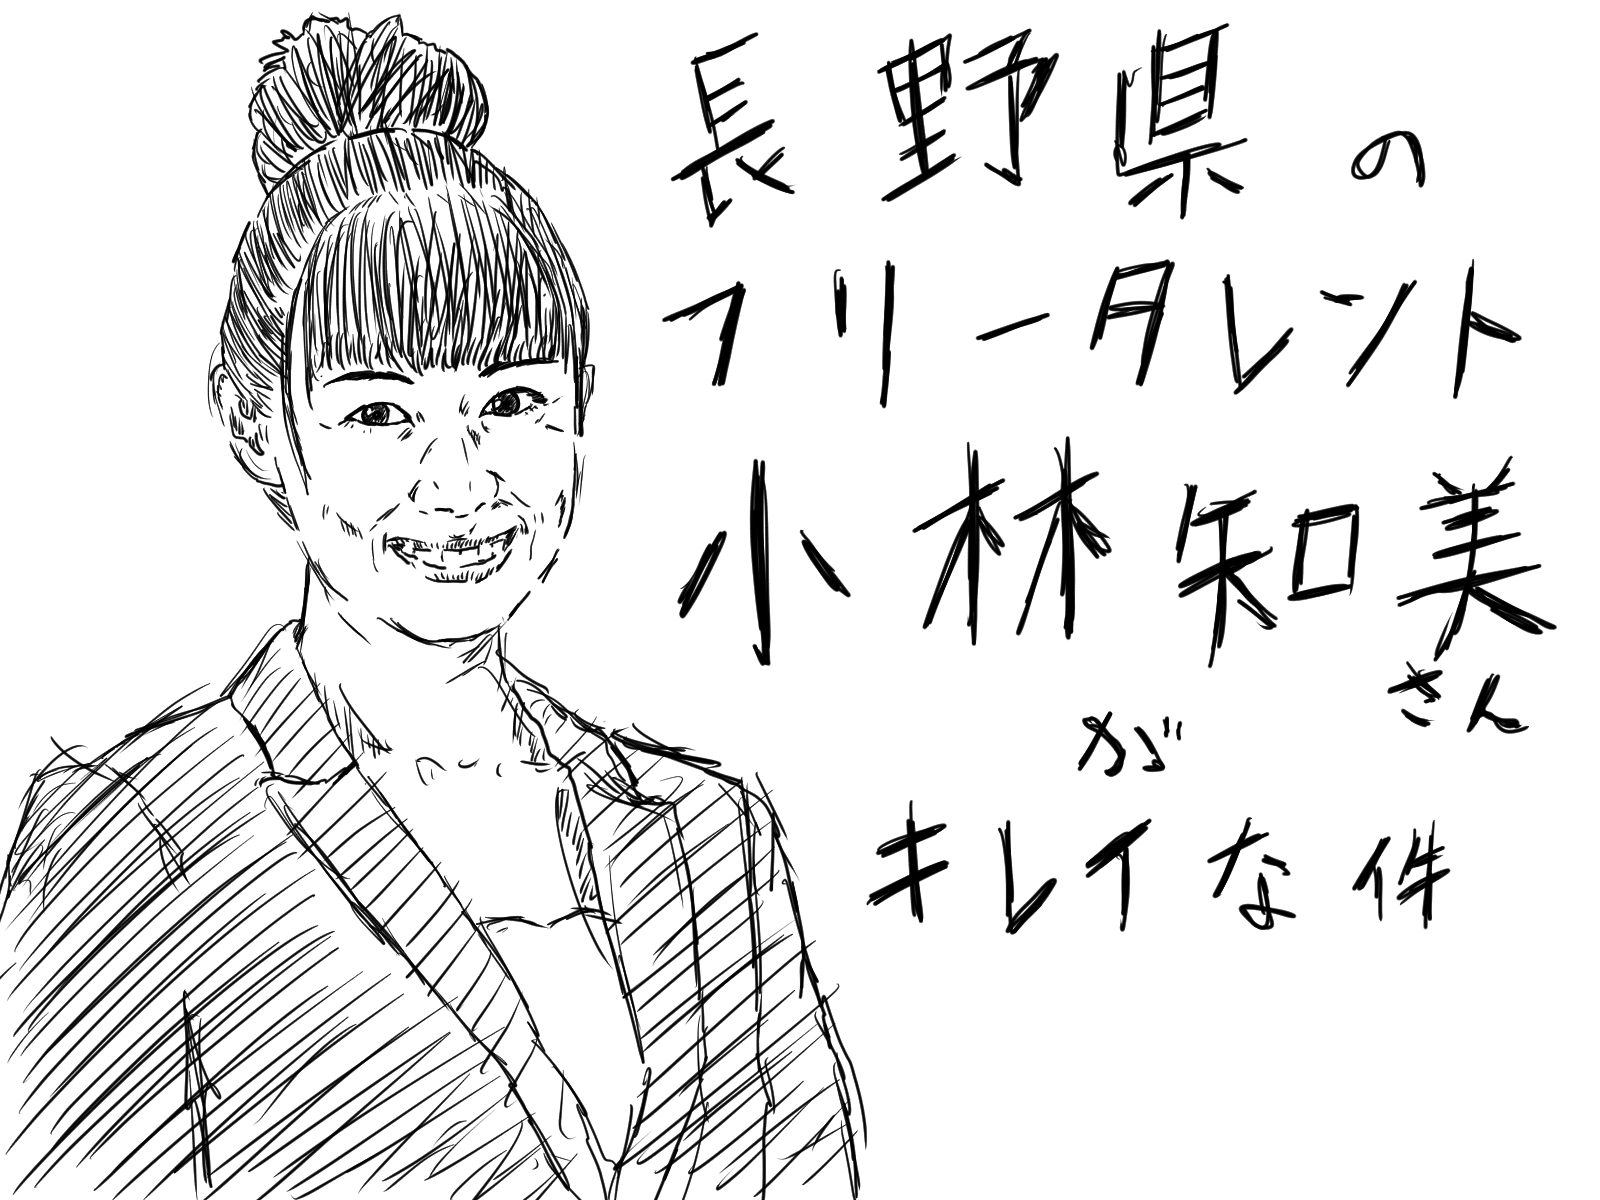 長野県のローカルタレント・小林知美さんがキレイな件